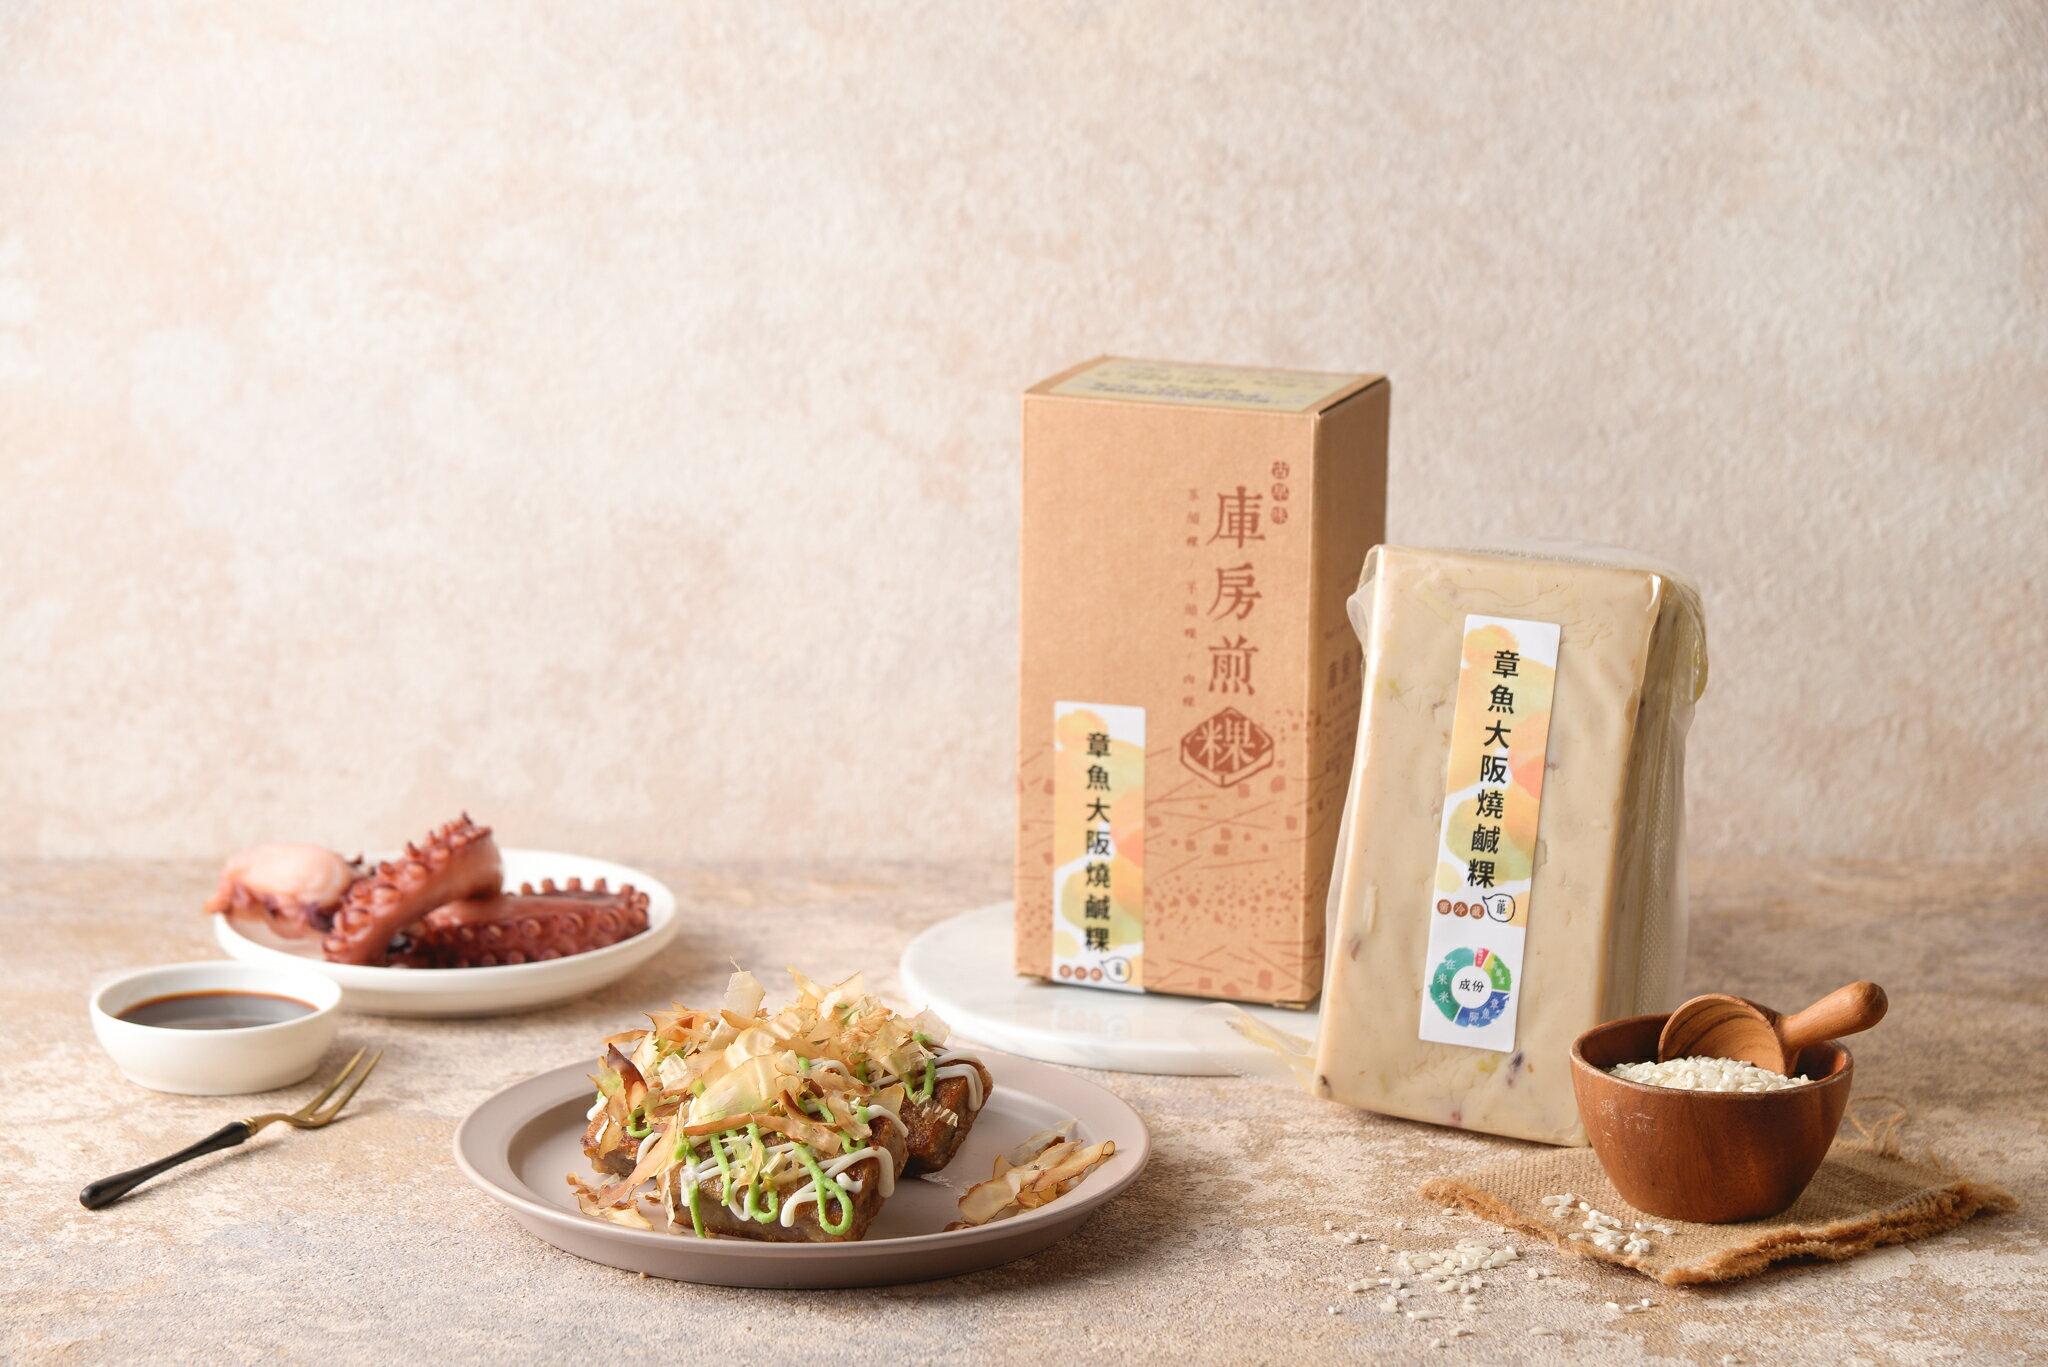 【章魚大阪燒鹹粿(葷) 1000g5%/條】台中|蘿蔔糕|鹹粿|在來米蘿蔔糕|宅配美食|年節禮盒|純在來米漿|創意美食|傳統美食